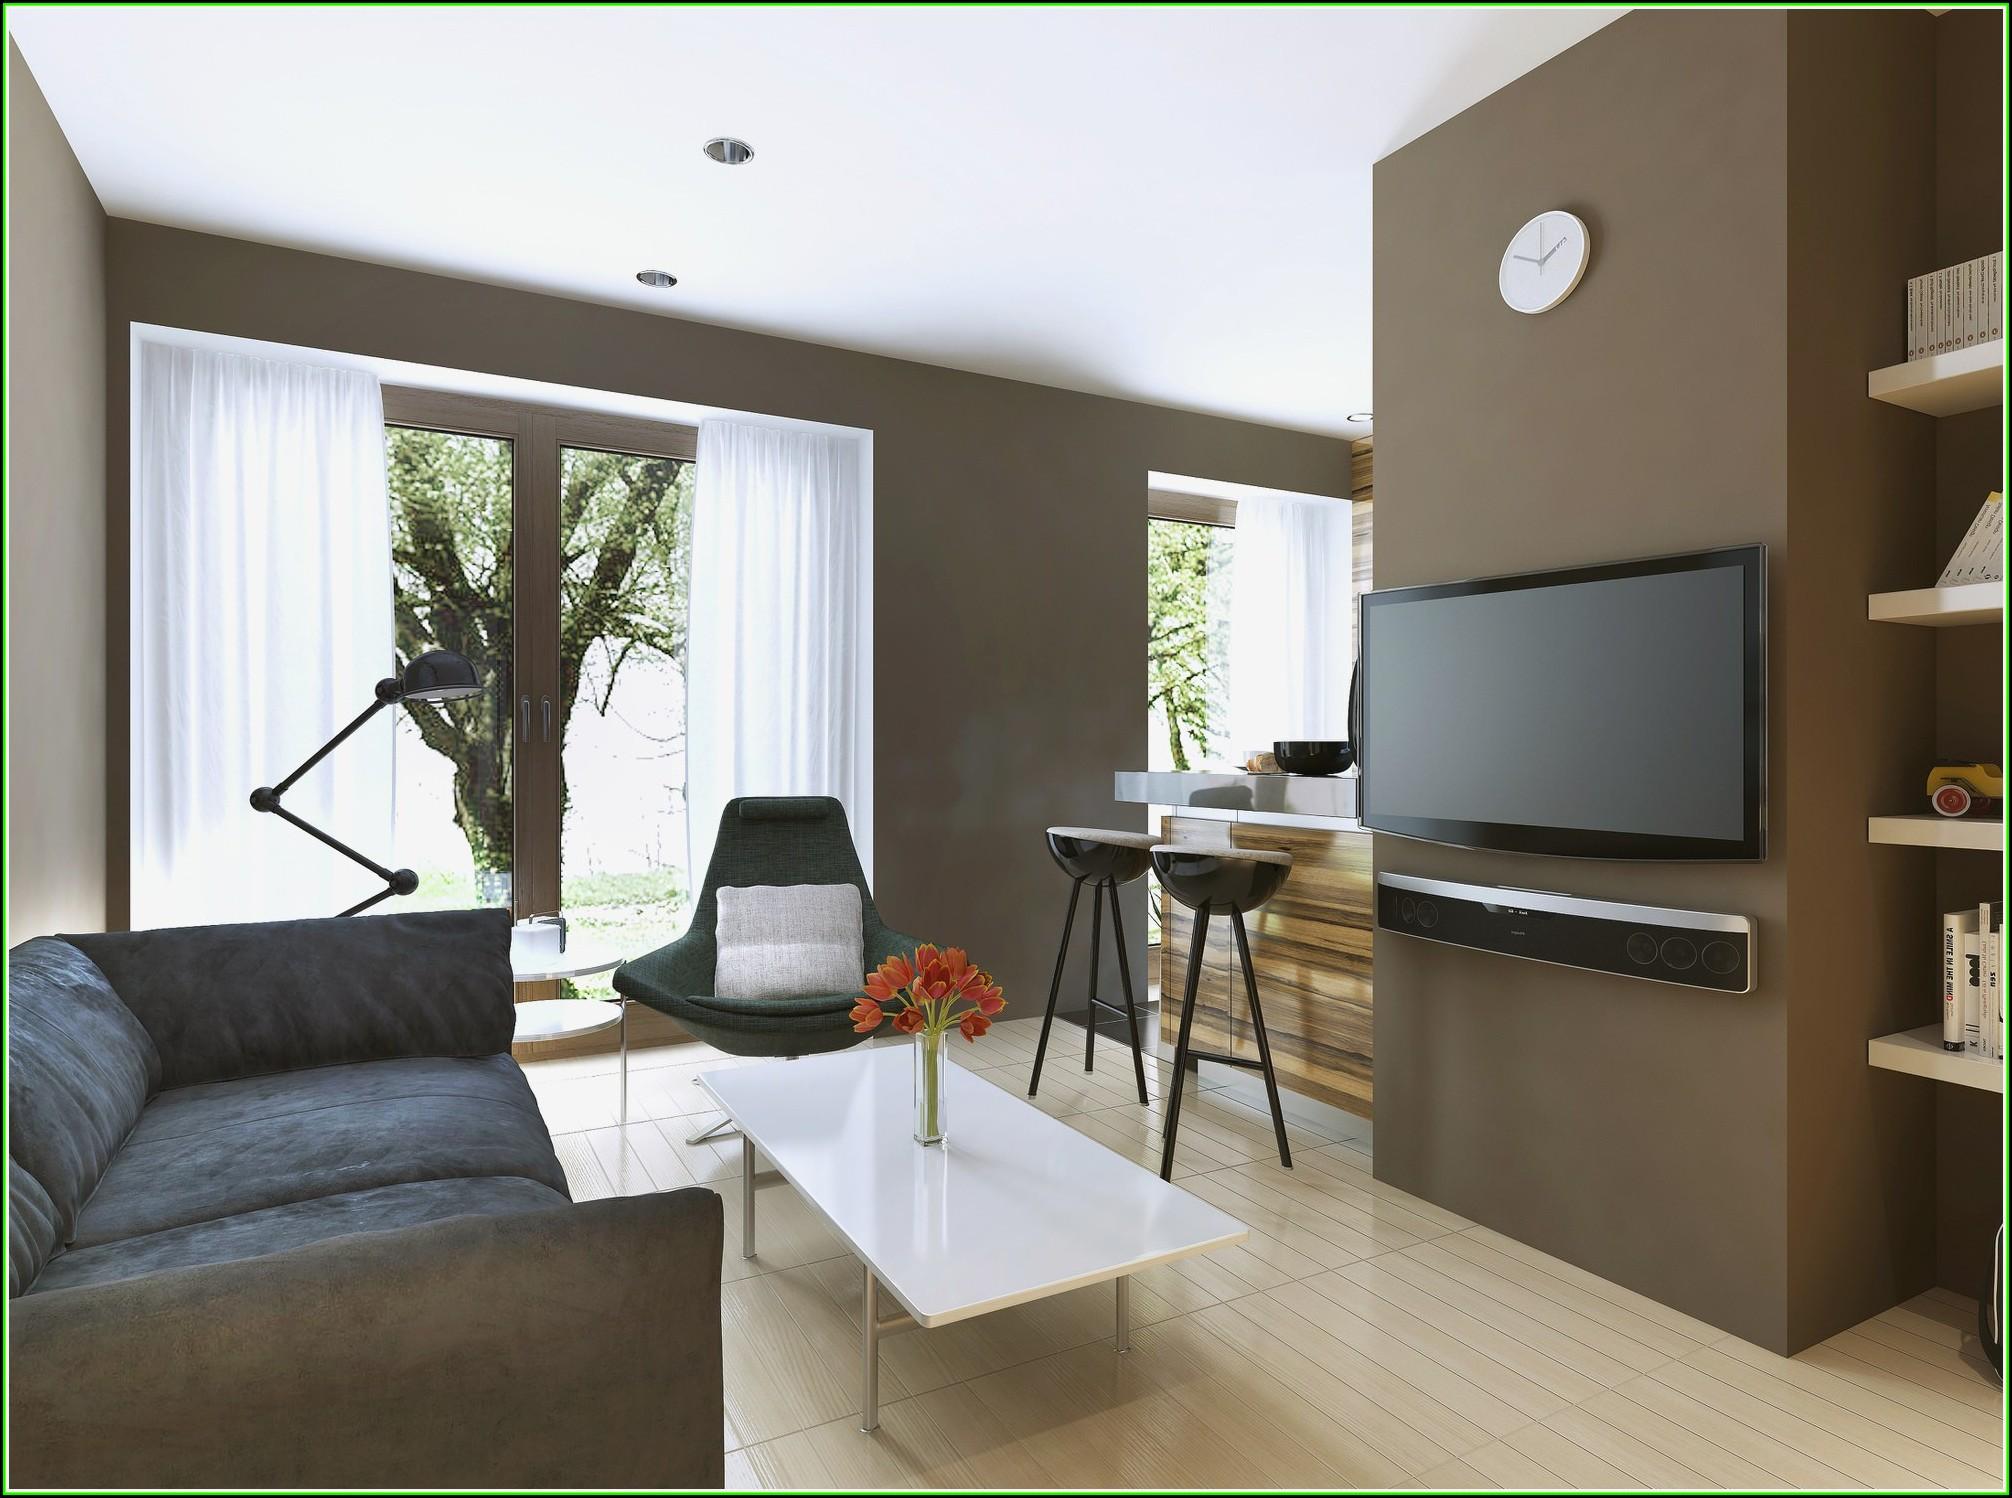 Schlafzimmer Ideen Mit Fernseher